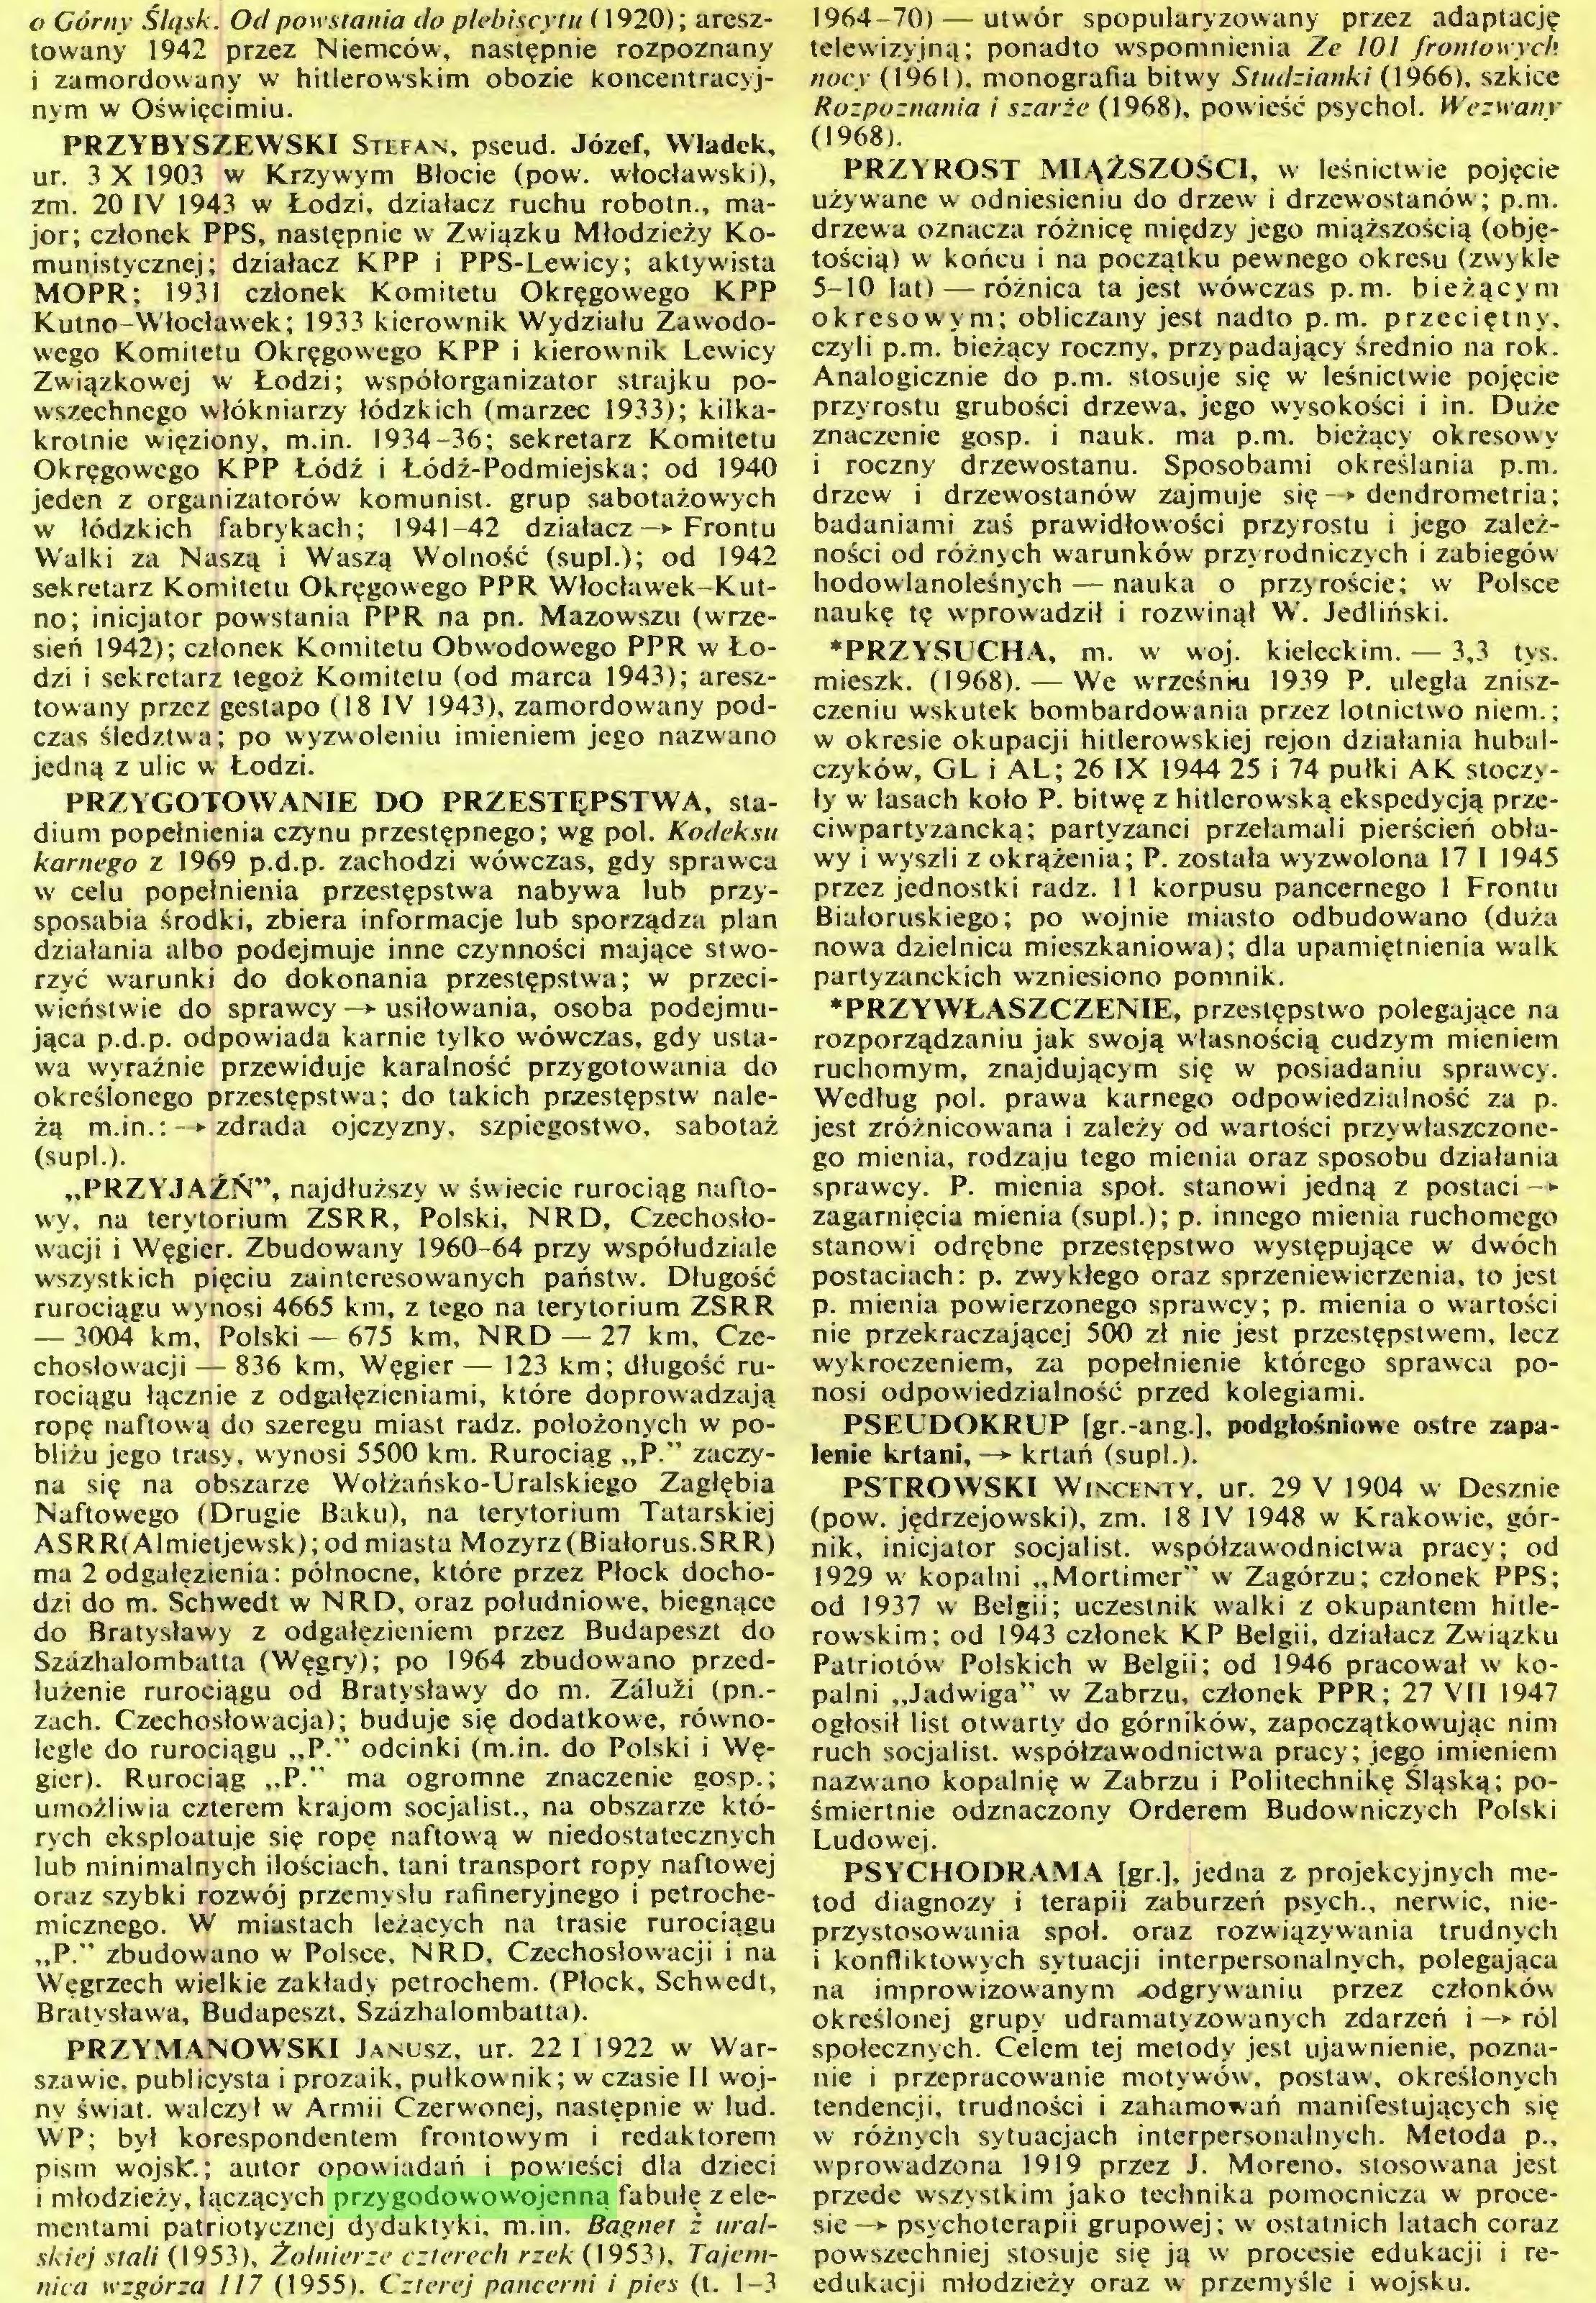 (...) WP; był korespondentem frontowym i redaktorem pism wojsle.; autor opowiadań i powieści dla dzieci i młodzieży, łączących przygodowowojenną fabułę z elementami patriotycznej dydaktyki, m.in. Bagnet ż uralskiej stali (1953), Żołnierze czterech rzek (1953). Tajemnica wzgórza 117 (1955). Czterej pancerni i pies (t. 1-3 1964-70) — utwór spopularyzowany przez adaptację...